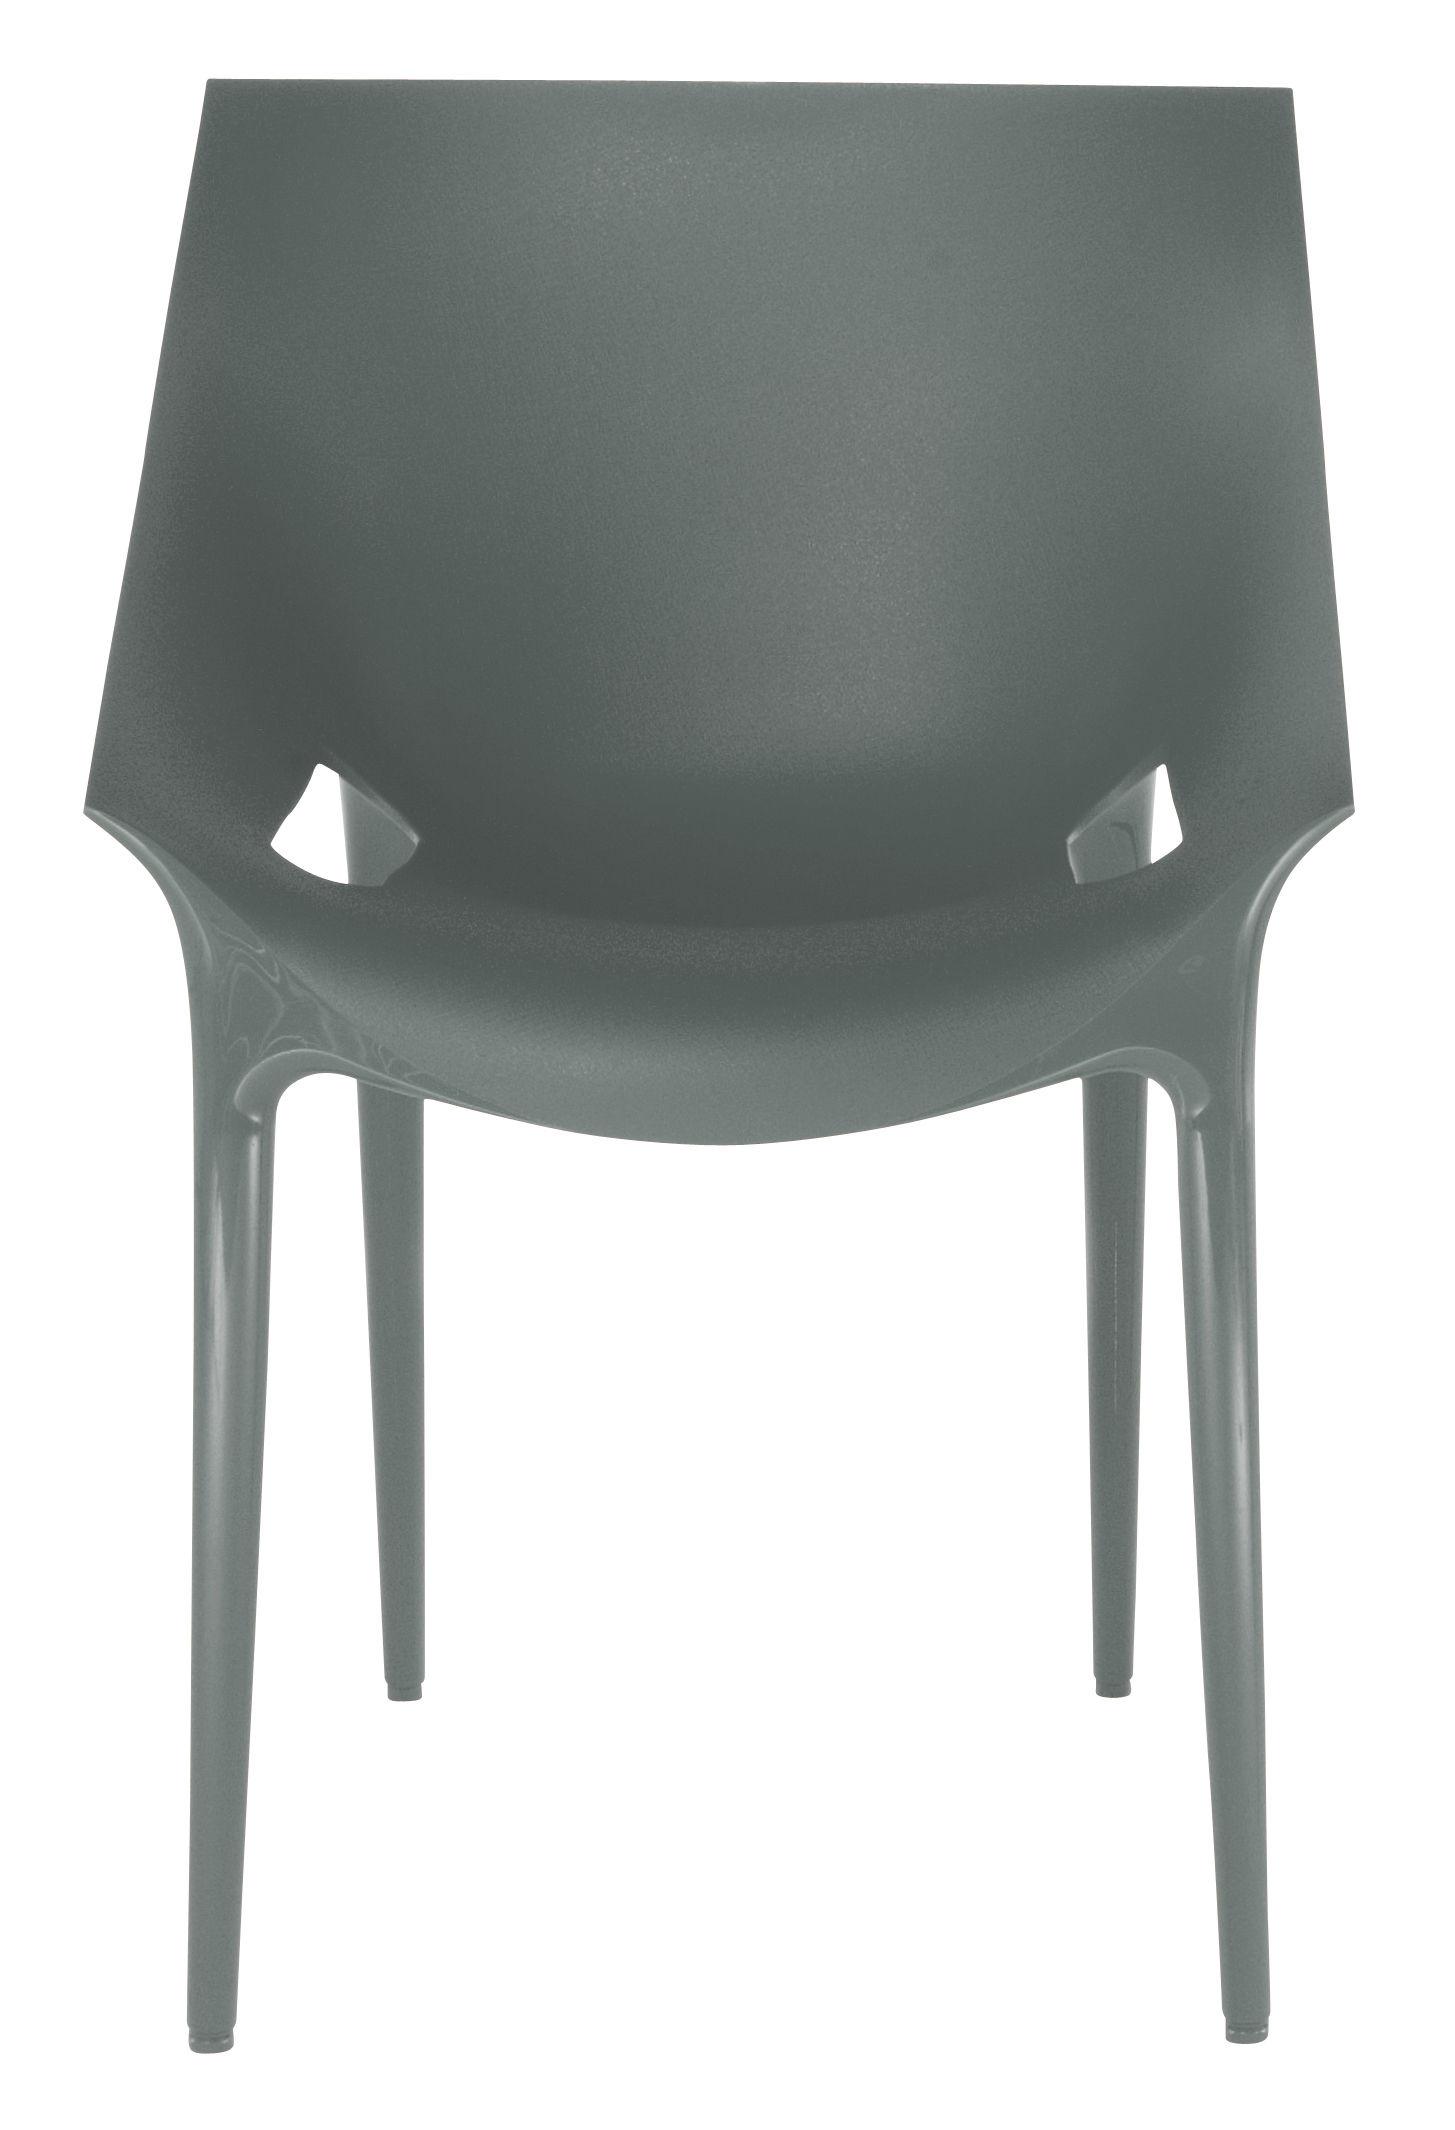 Mobilier - Chaises, fauteuils de salle à manger - Fauteuil empilable Dr. YES / Polypropylène - Kartell - Gris - Polypropylène